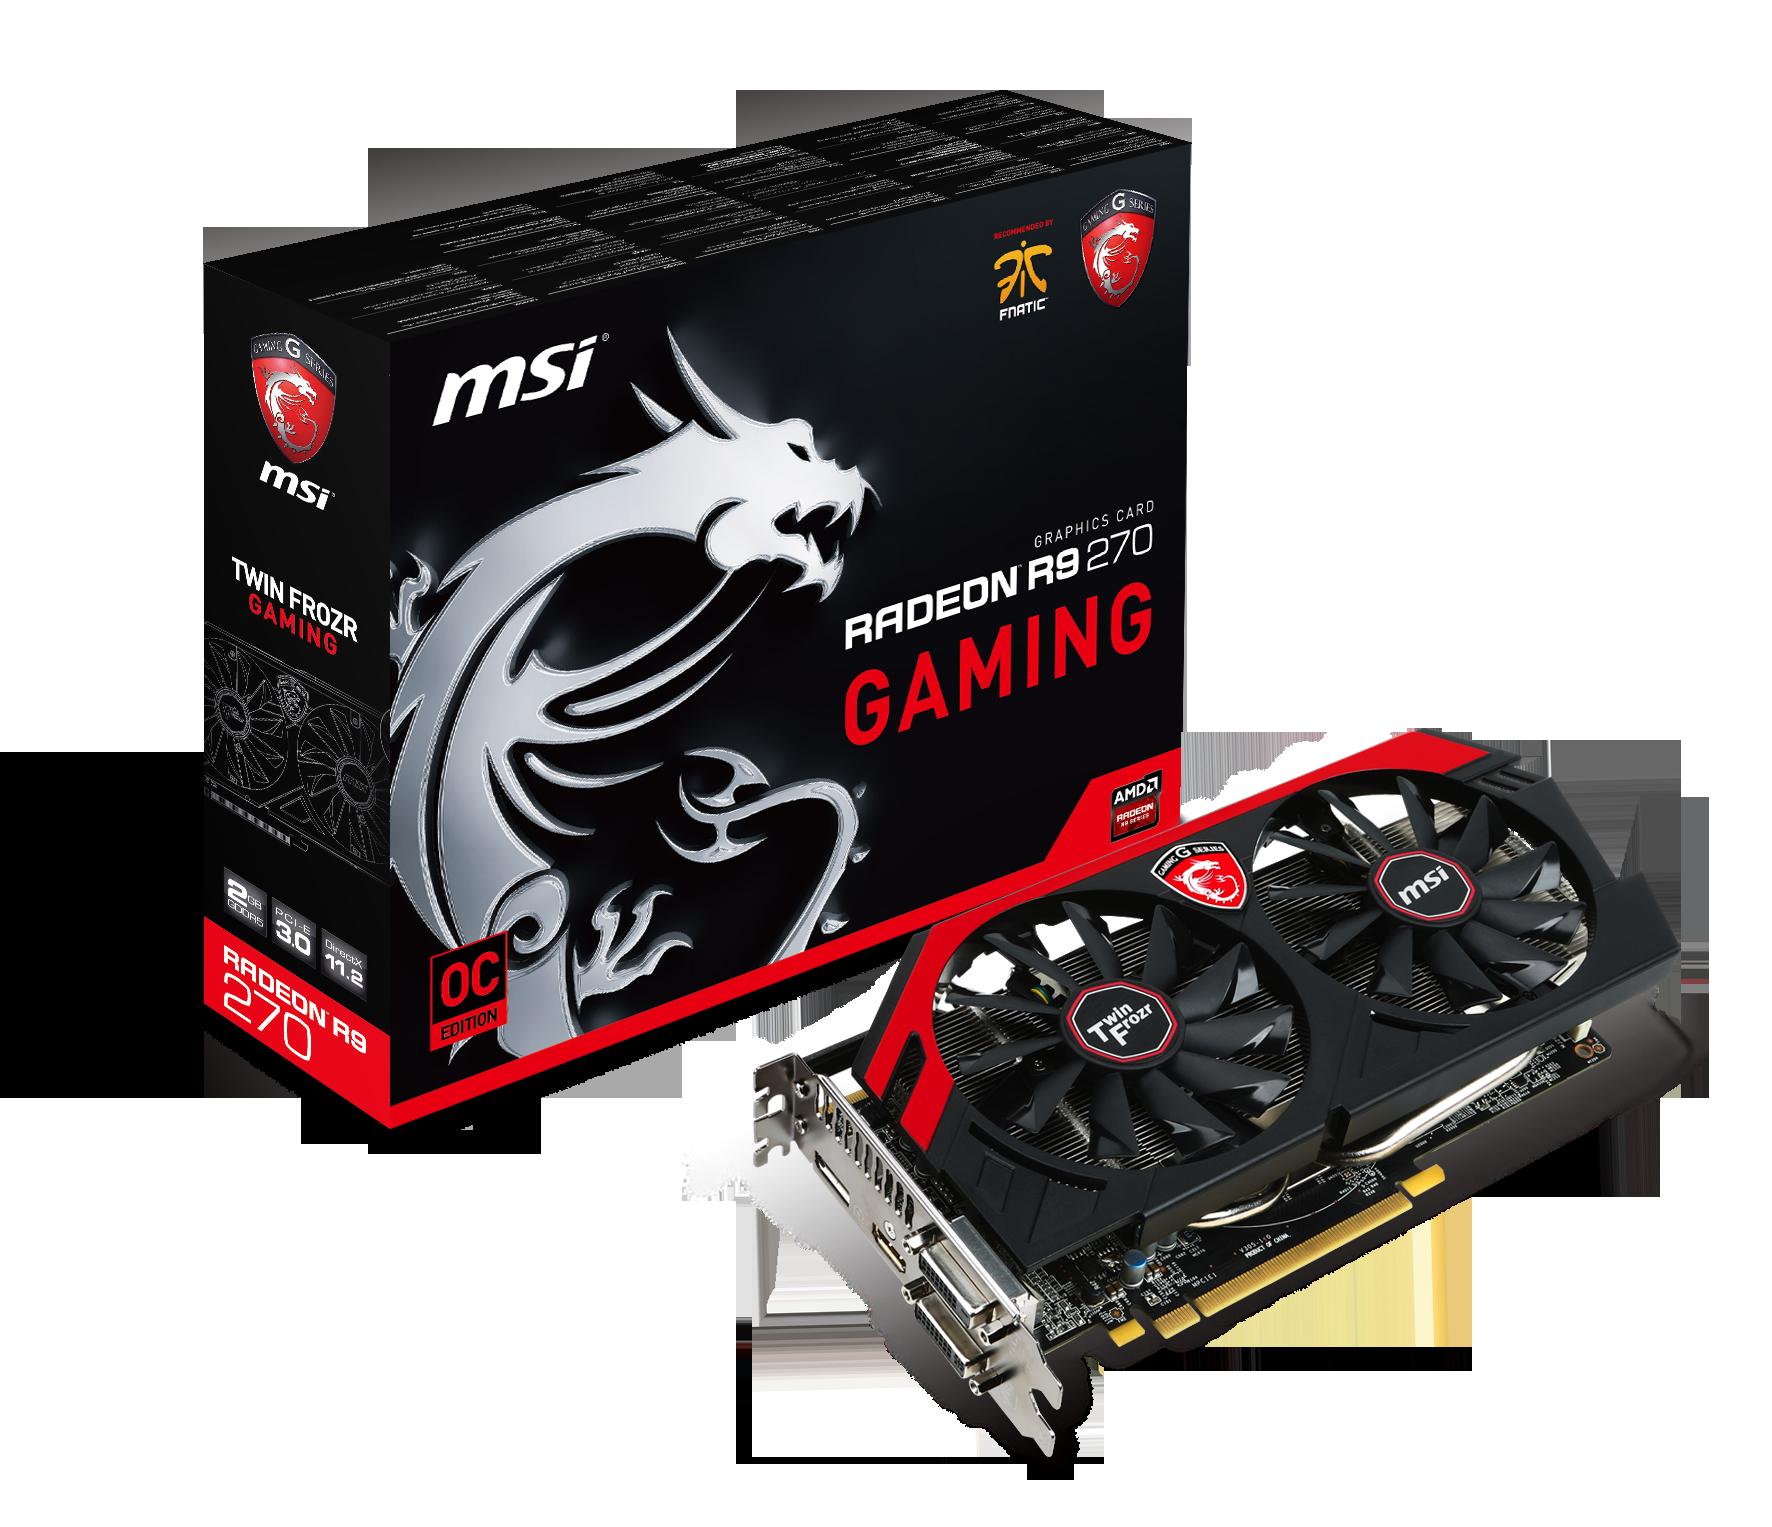 微星發布R9 270 GAMING 2G顯示卡,開創最佳遊戲環境 獨家GAMING APP調校軟體,輕鬆切換情境迅速又便利